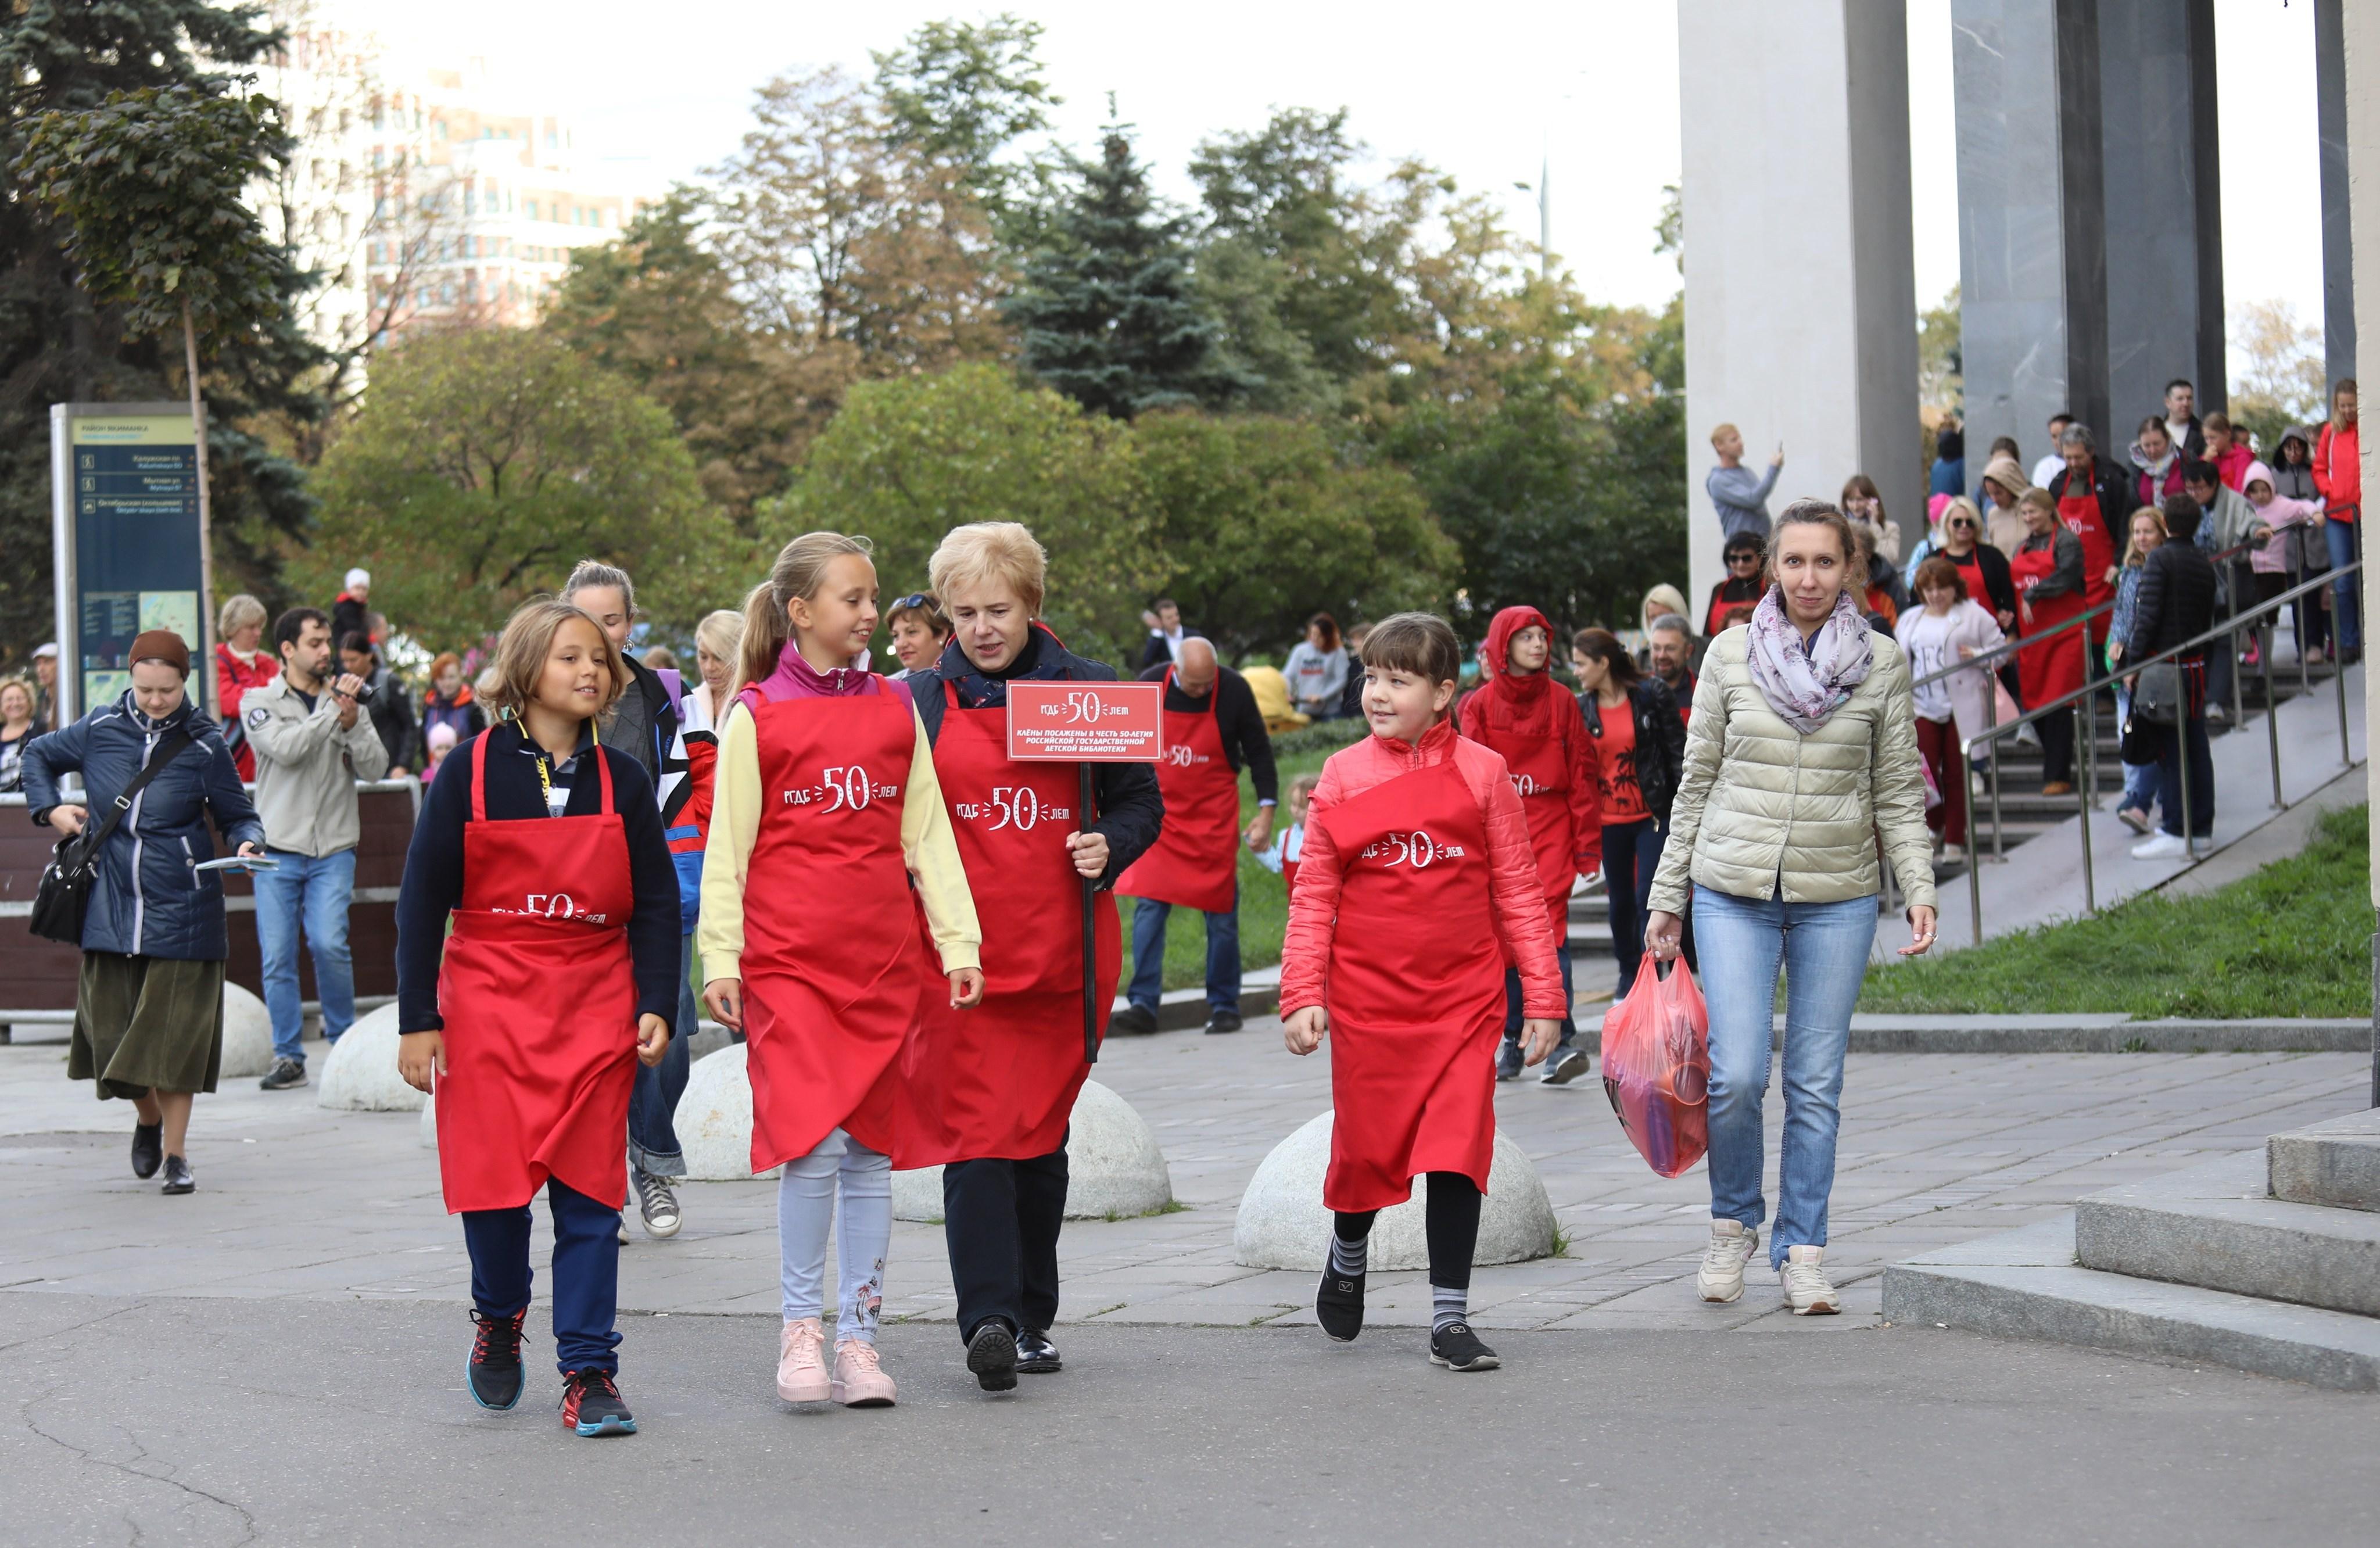 Директор библиотеки Мария Веденяпина (с табличкой) ведет гостей праздника сажать клены / Пресс-служба РГДБ